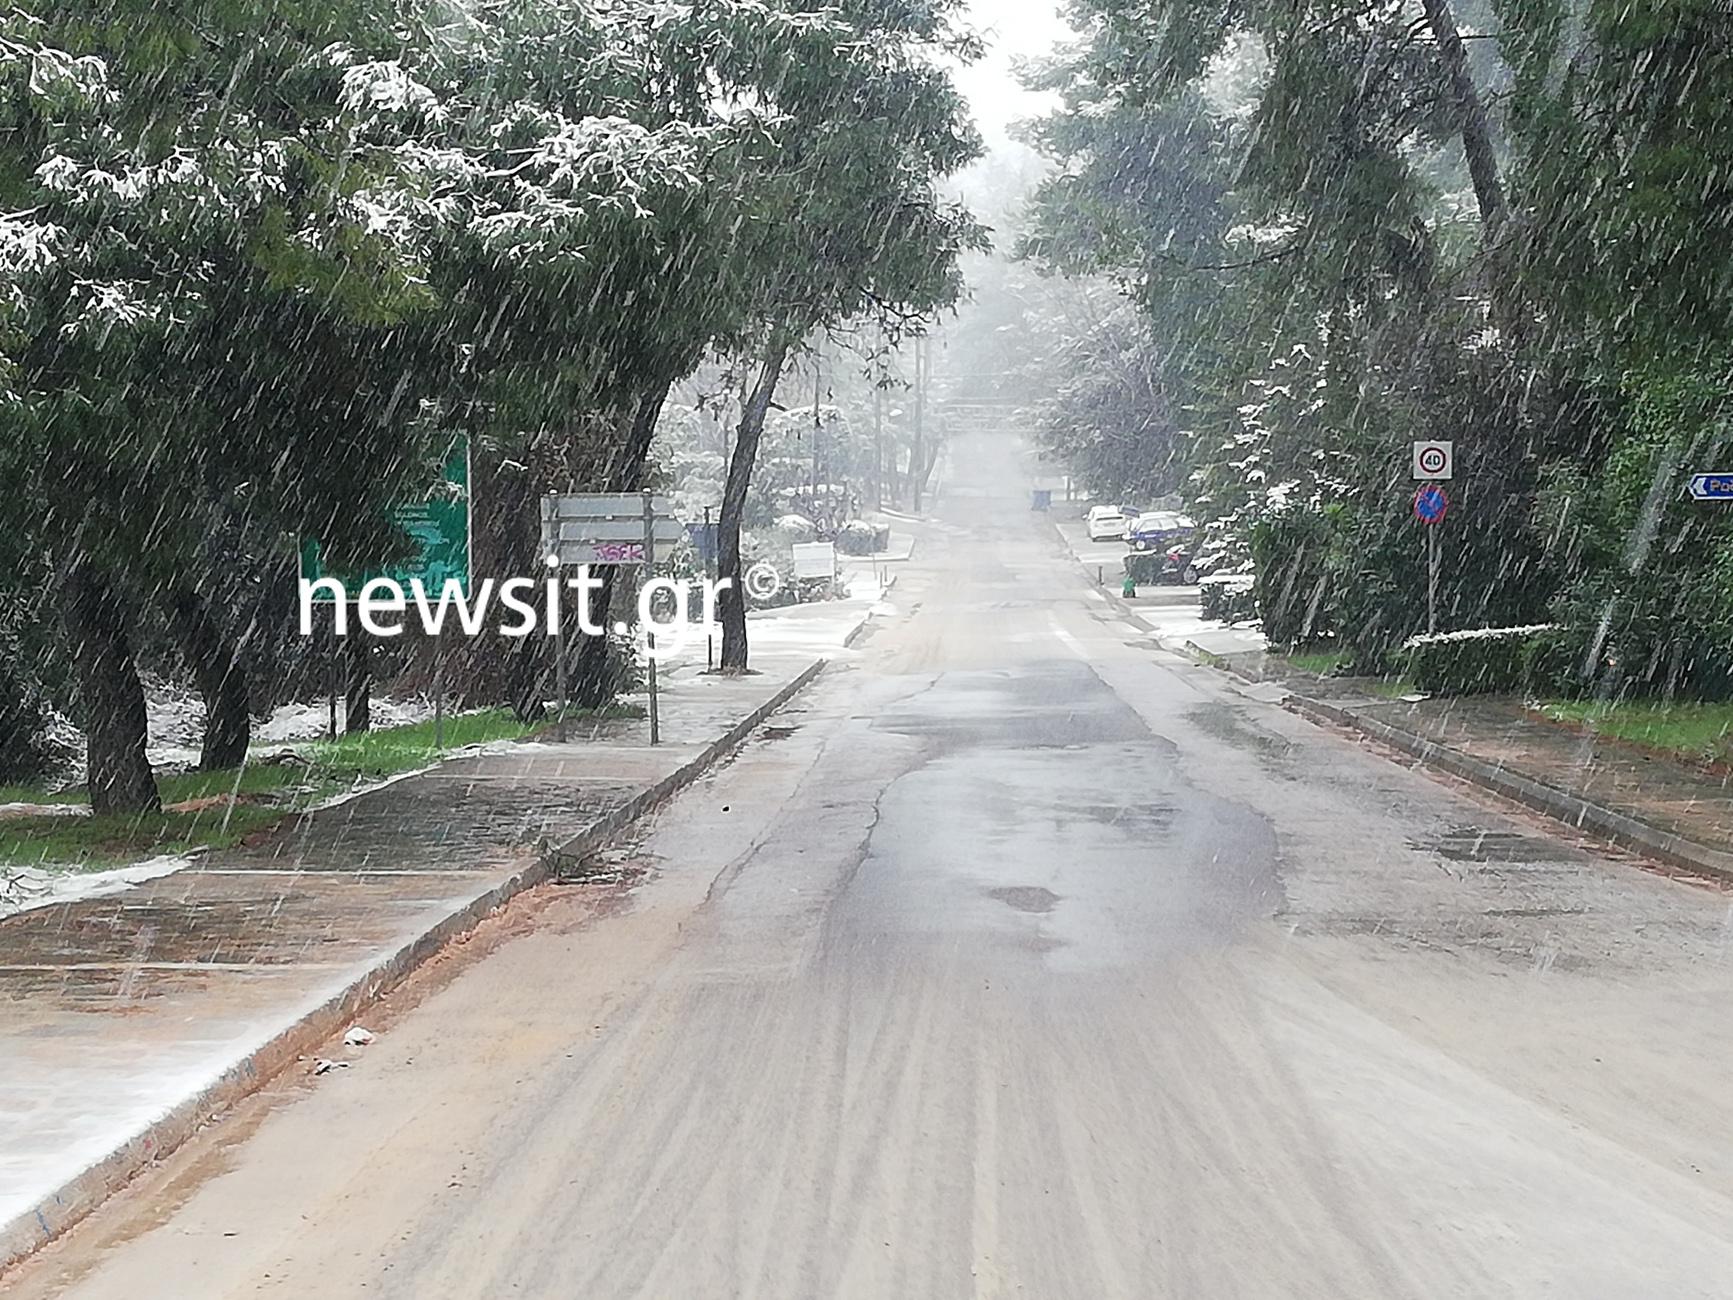 Καιρός – Αττική: Χιονίζει στα βόρεια Προάστια – Κλειστοί δρόμοι σε Πάρνηθα, Πεντέλη και Υμηττό